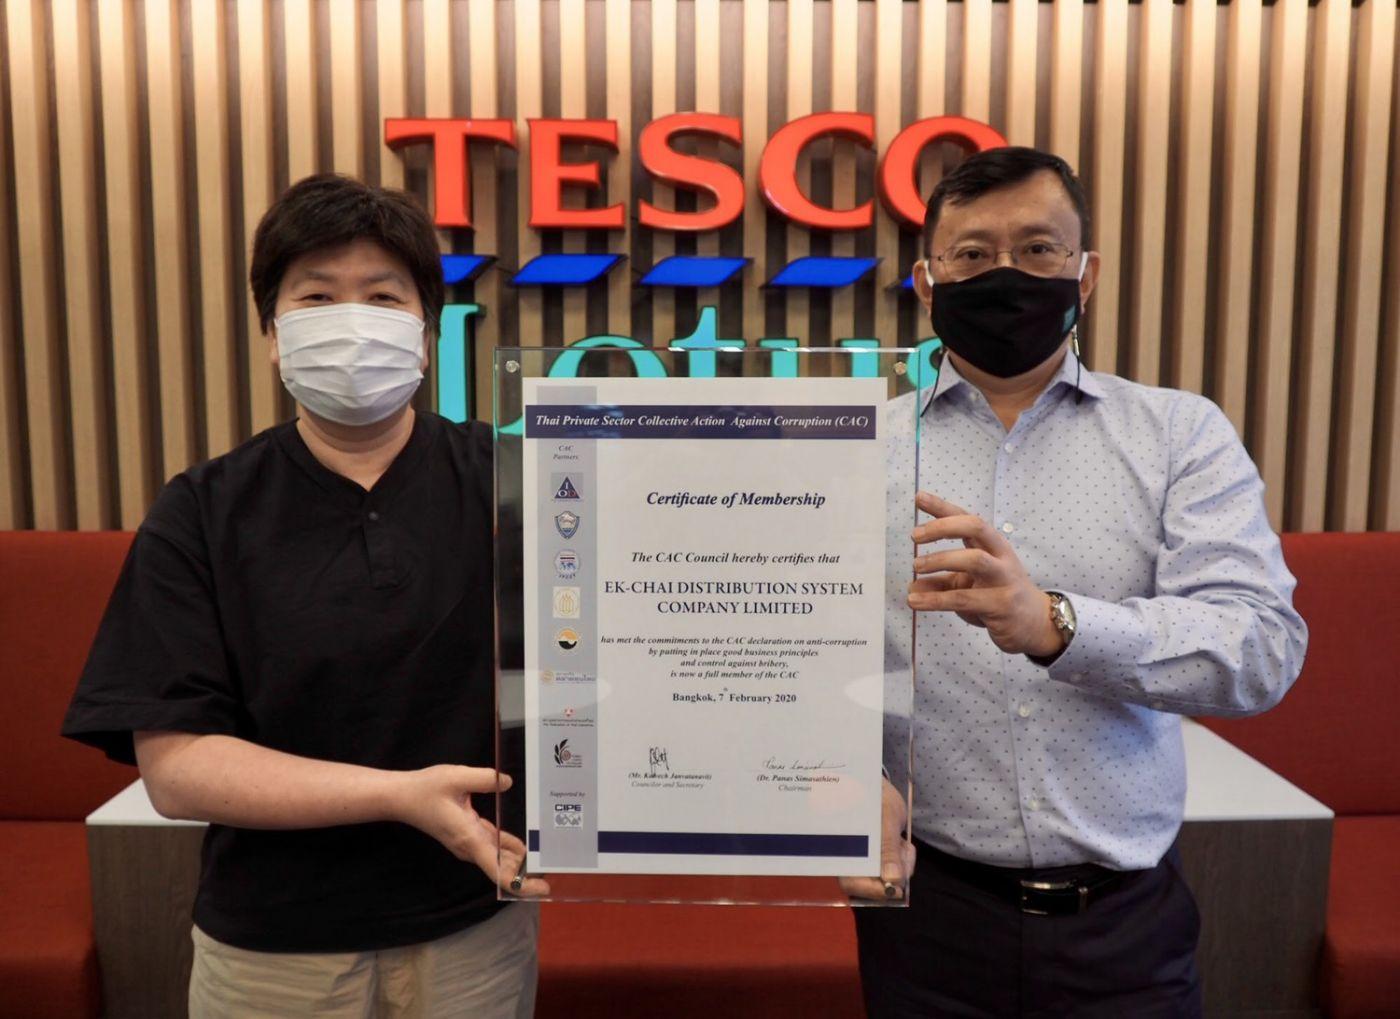 เทสโก้ โลตัส รับประกาศนียบัตรรับรองการเป็นสมาชิกแนวร่วมปฏิบัติของภาคเอกชนไทยในการต่อต้านการทุจริตทุกรูปแบบ ตอกย้ำภาพลักษณ์องค์กรโปร่งใสชั้นนำของประเทศ